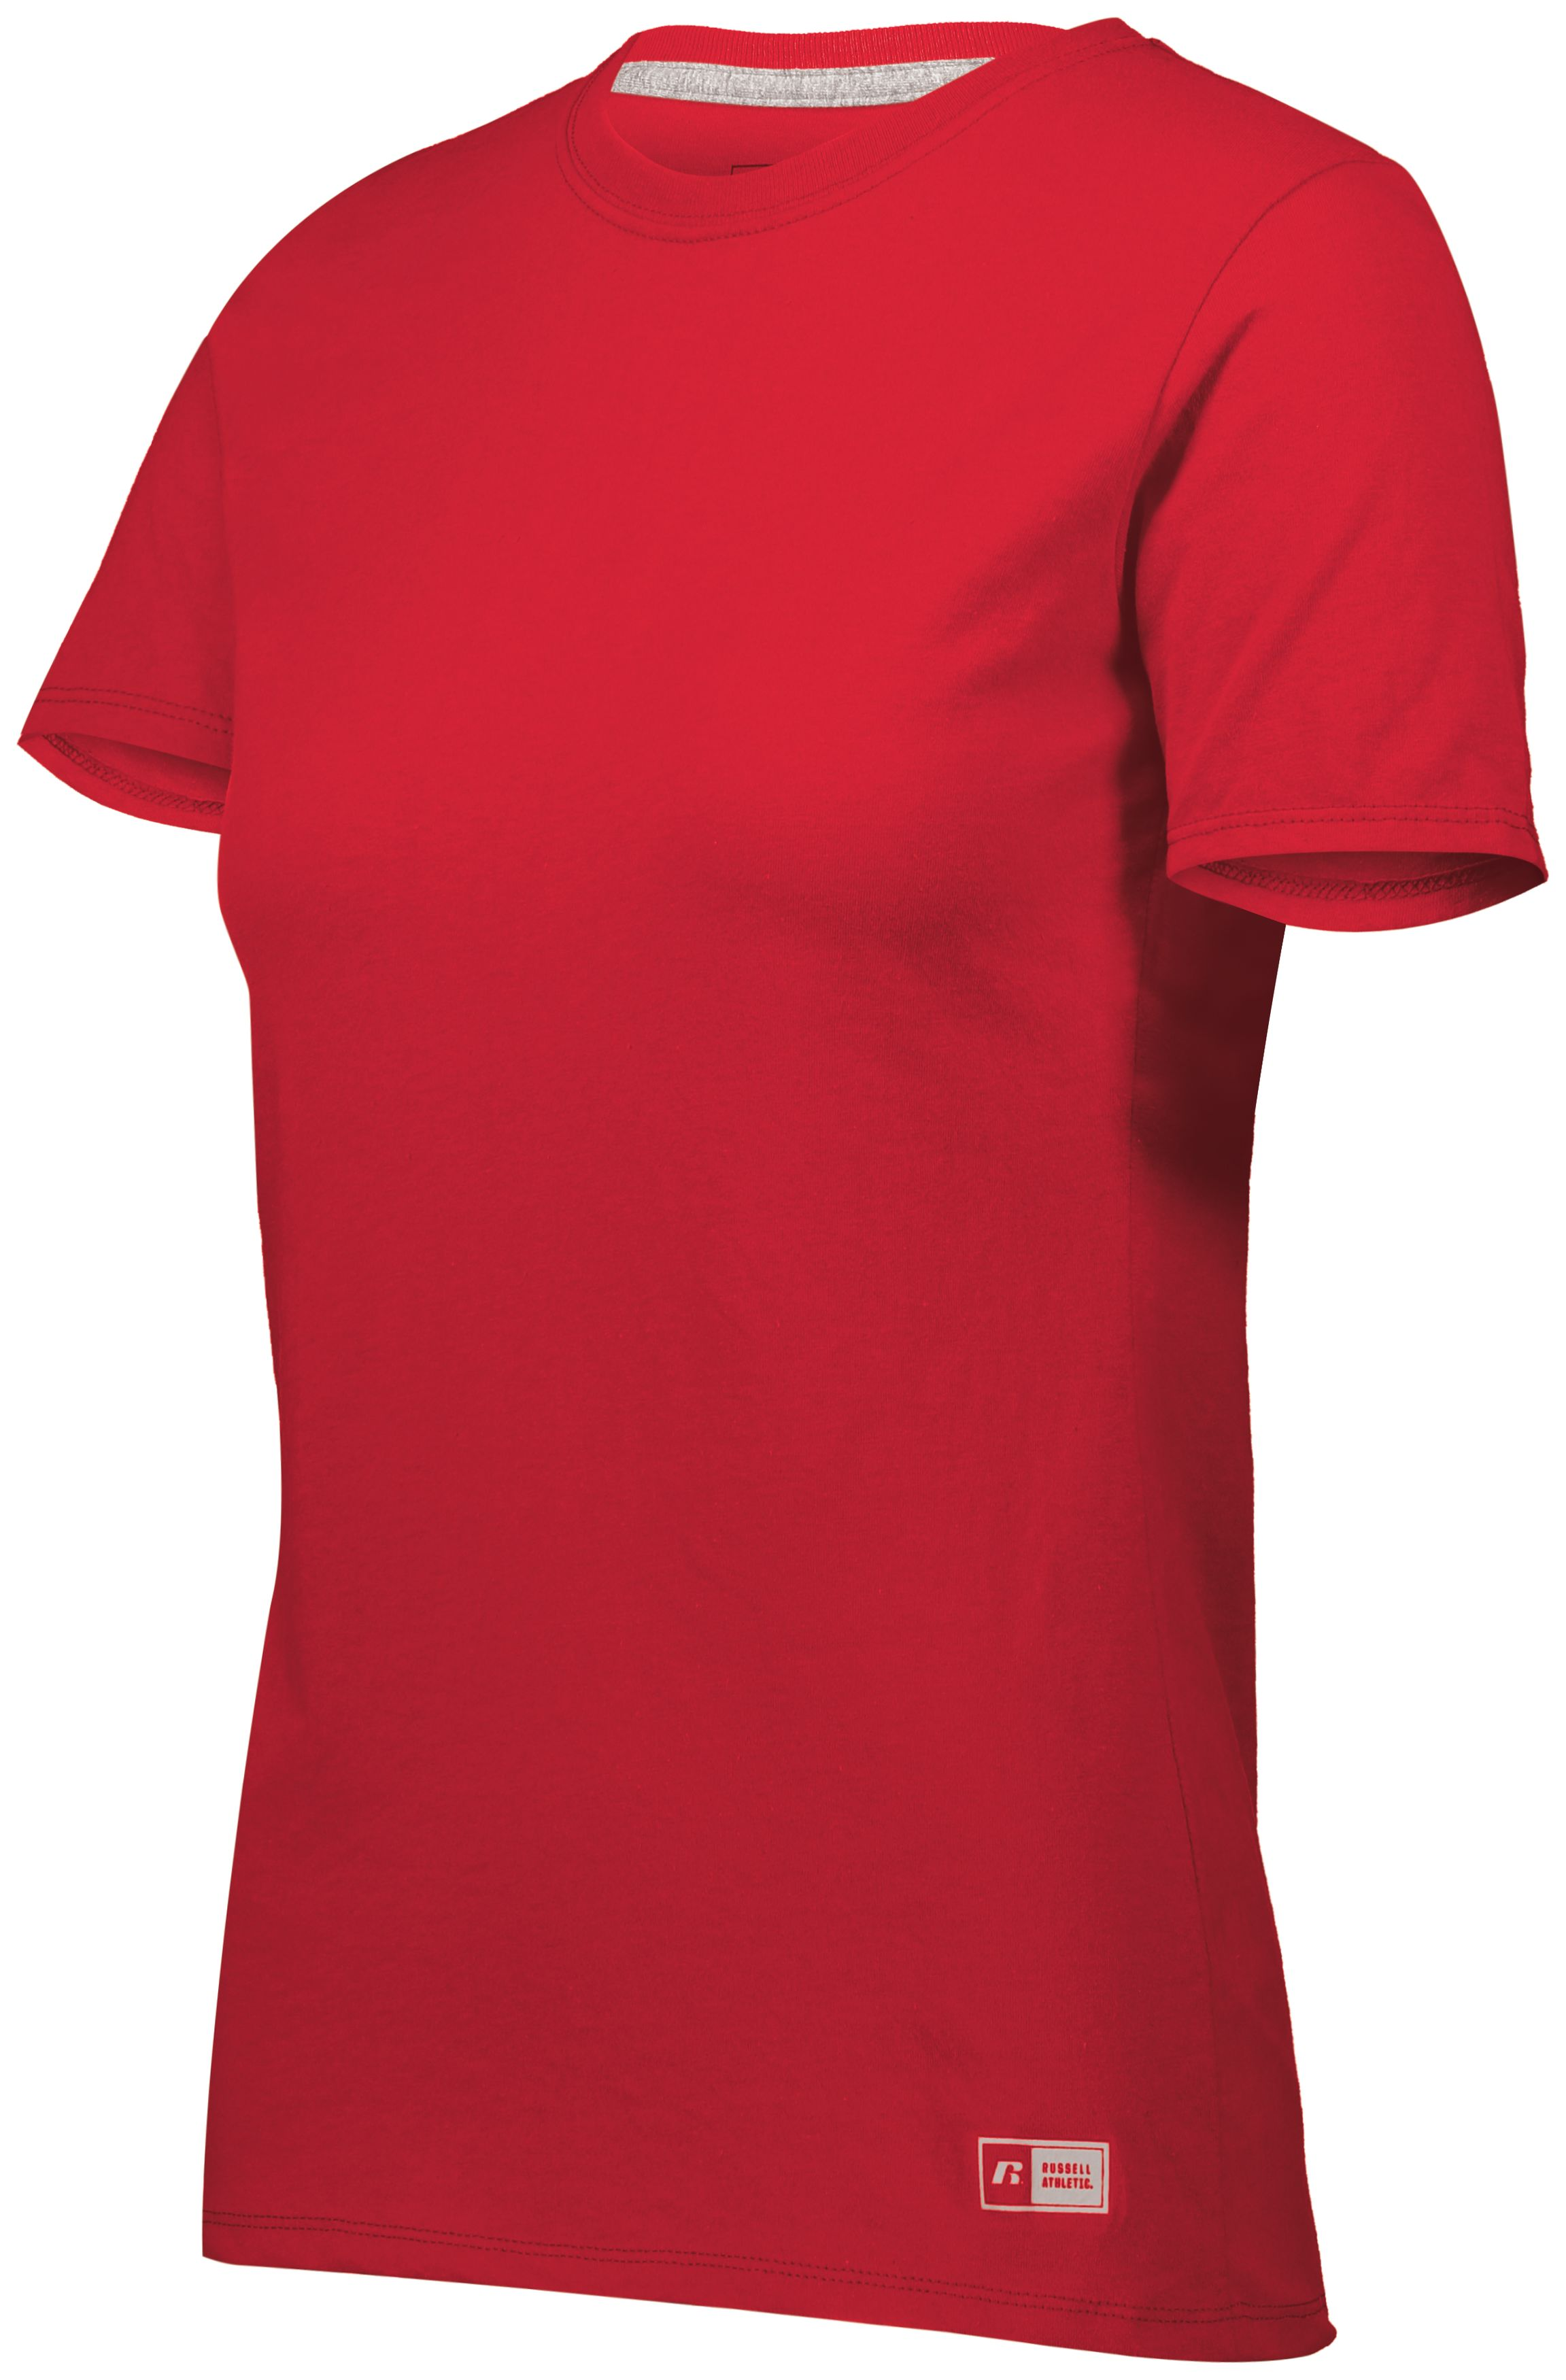 Ladies Essential Tee - True Red